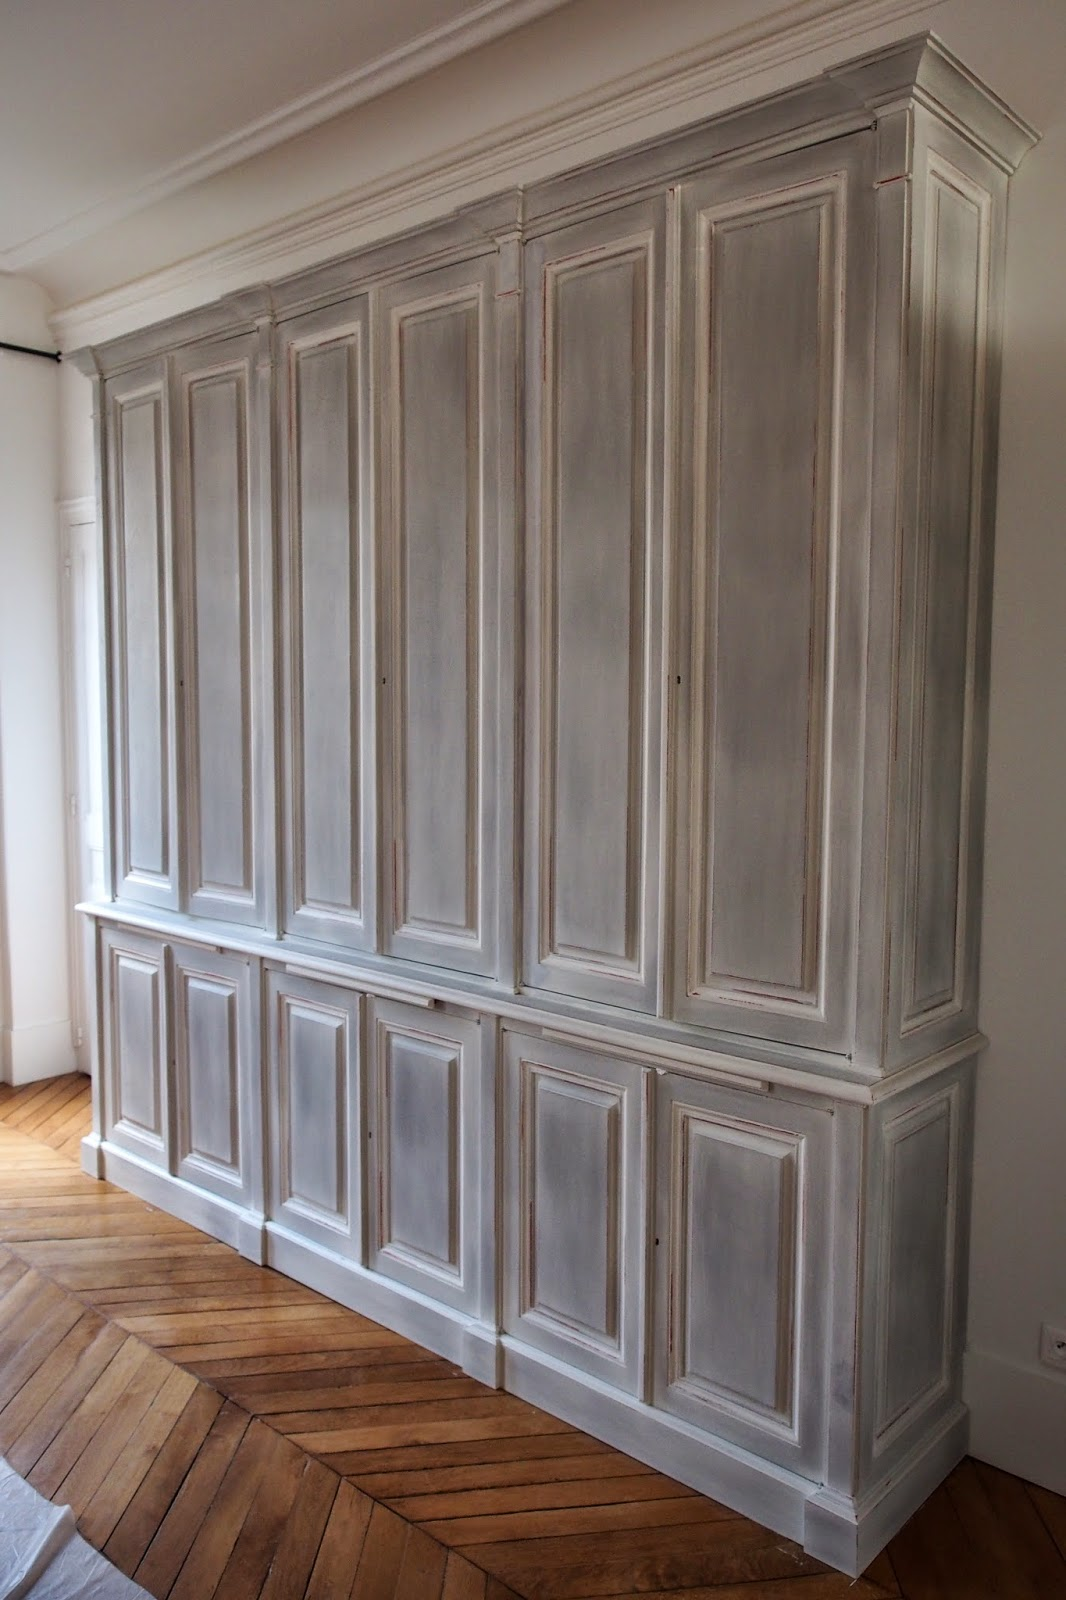 meuble traditionnel sur mesure patin gris avec int rieur rouge. Black Bedroom Furniture Sets. Home Design Ideas